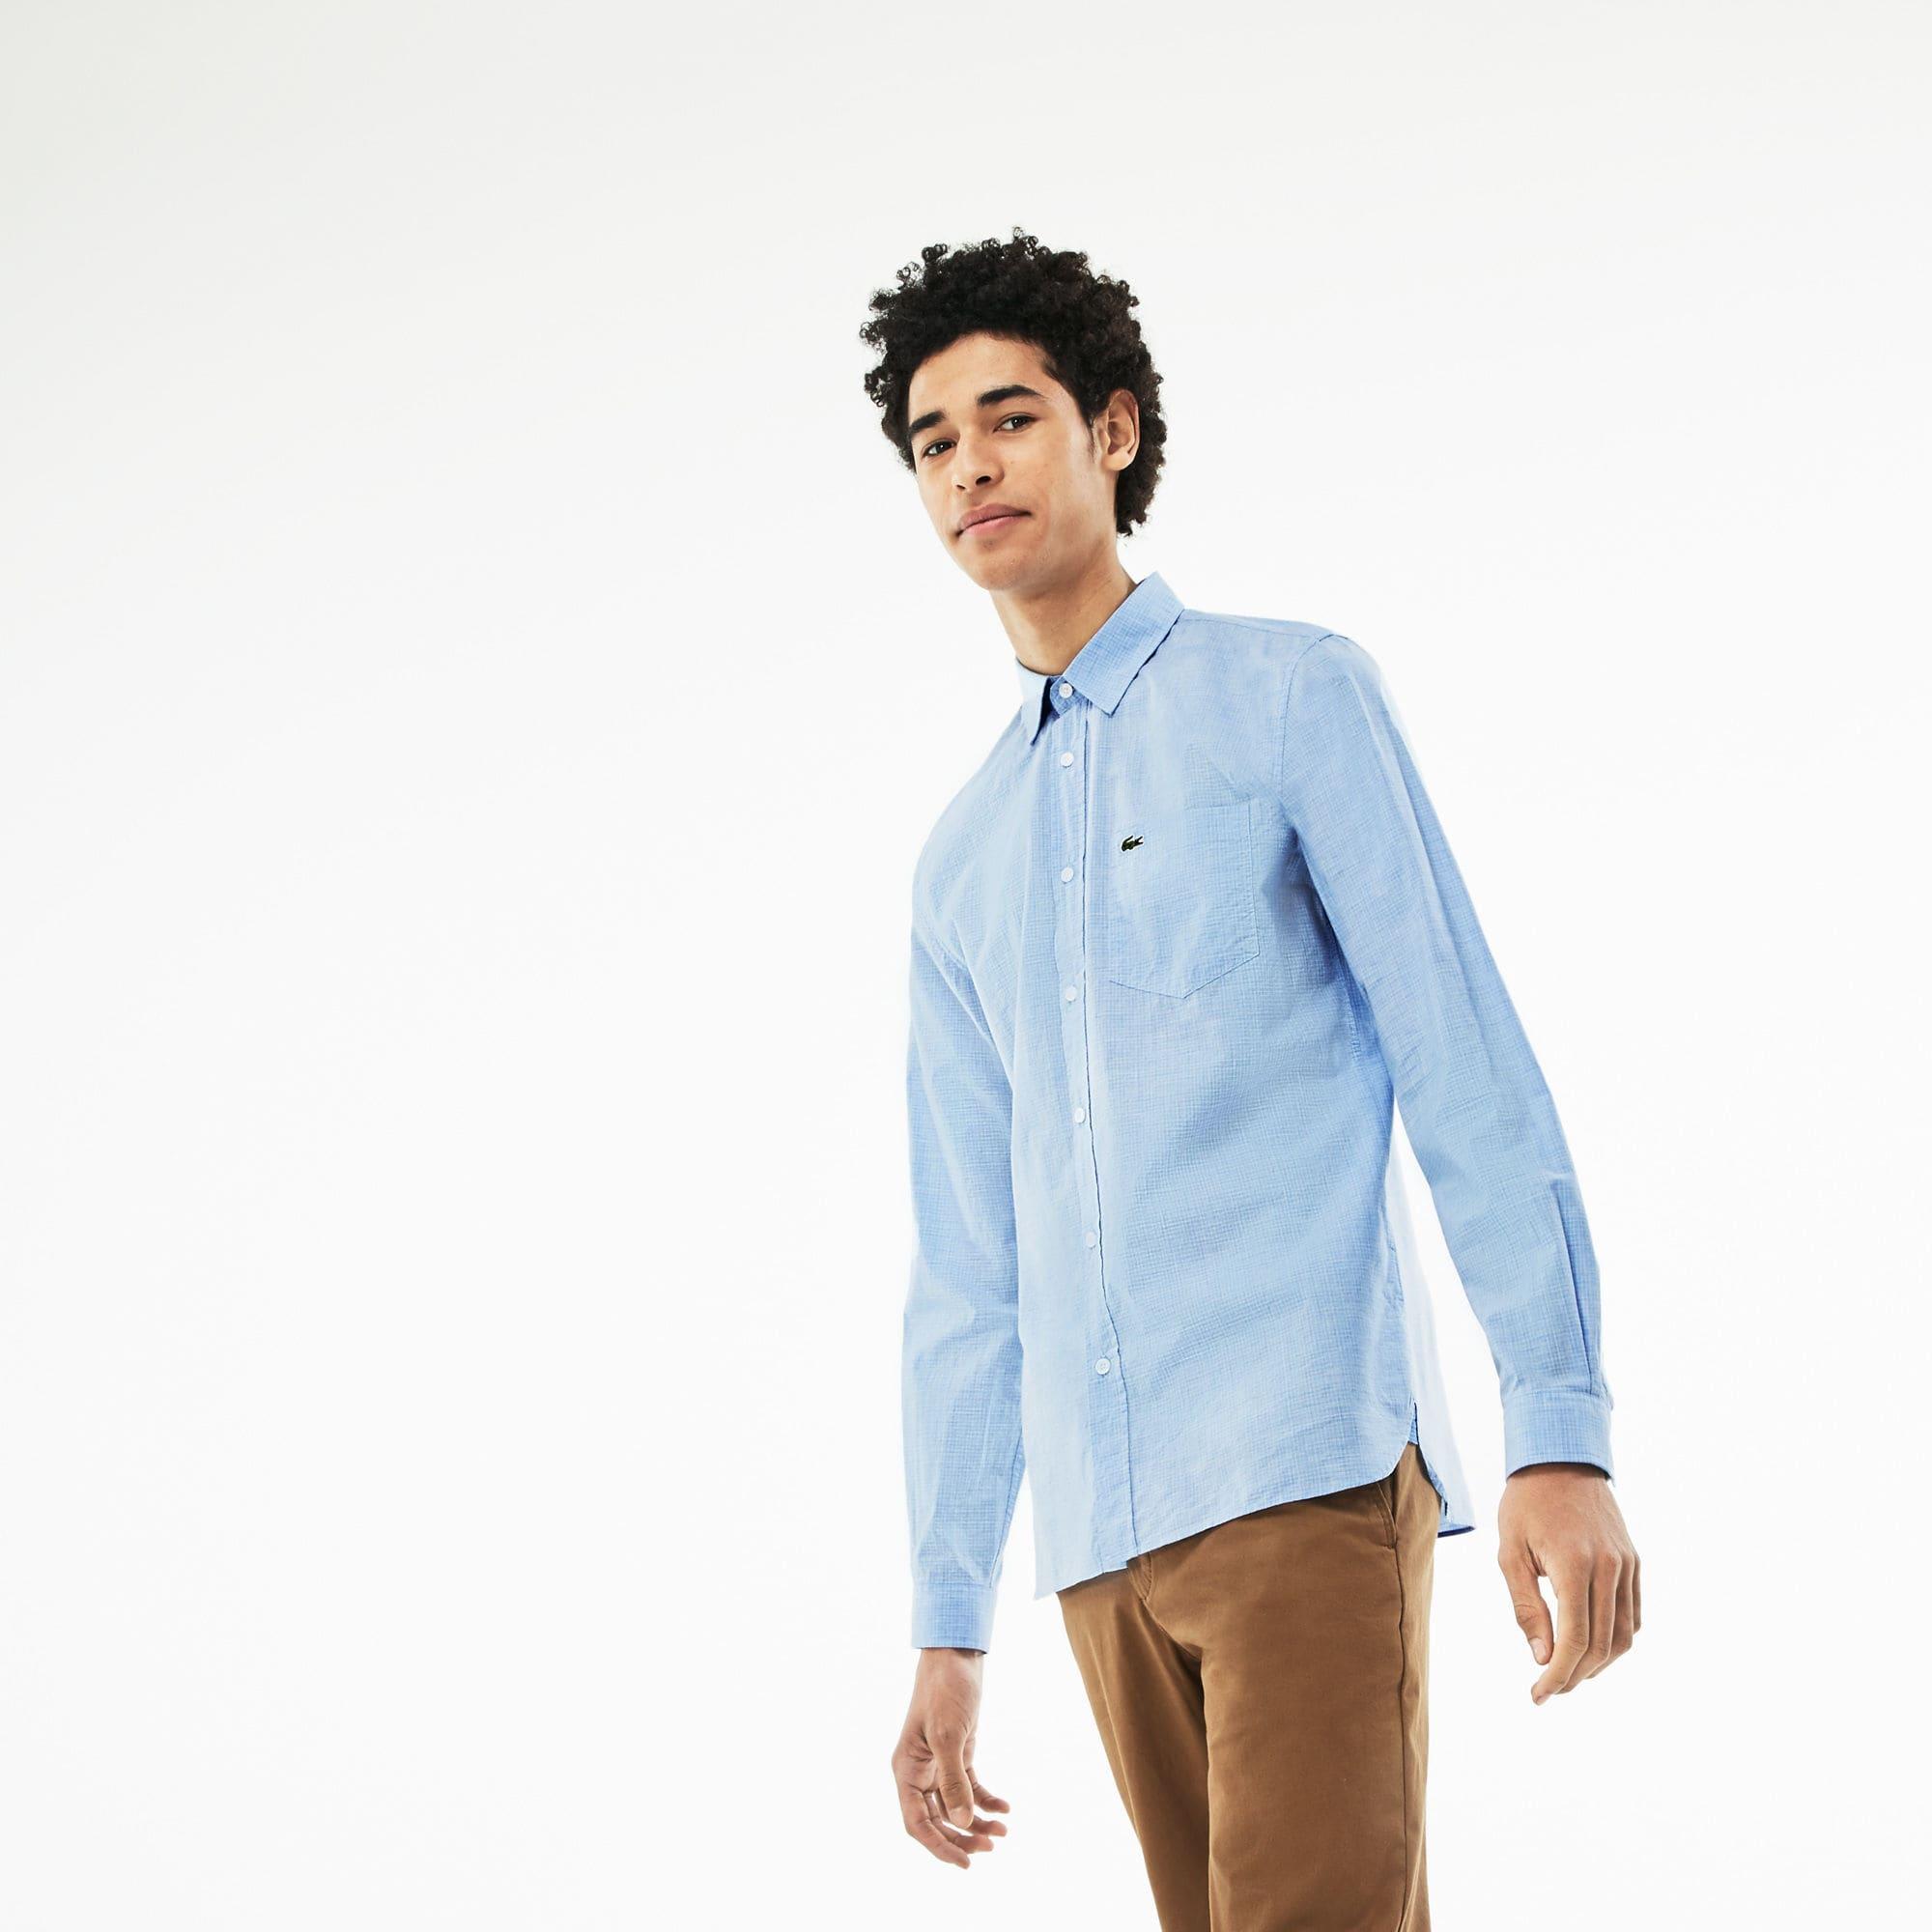 c96883964a Men's Blue Slim Fit Check Cotton Poplin Shirt